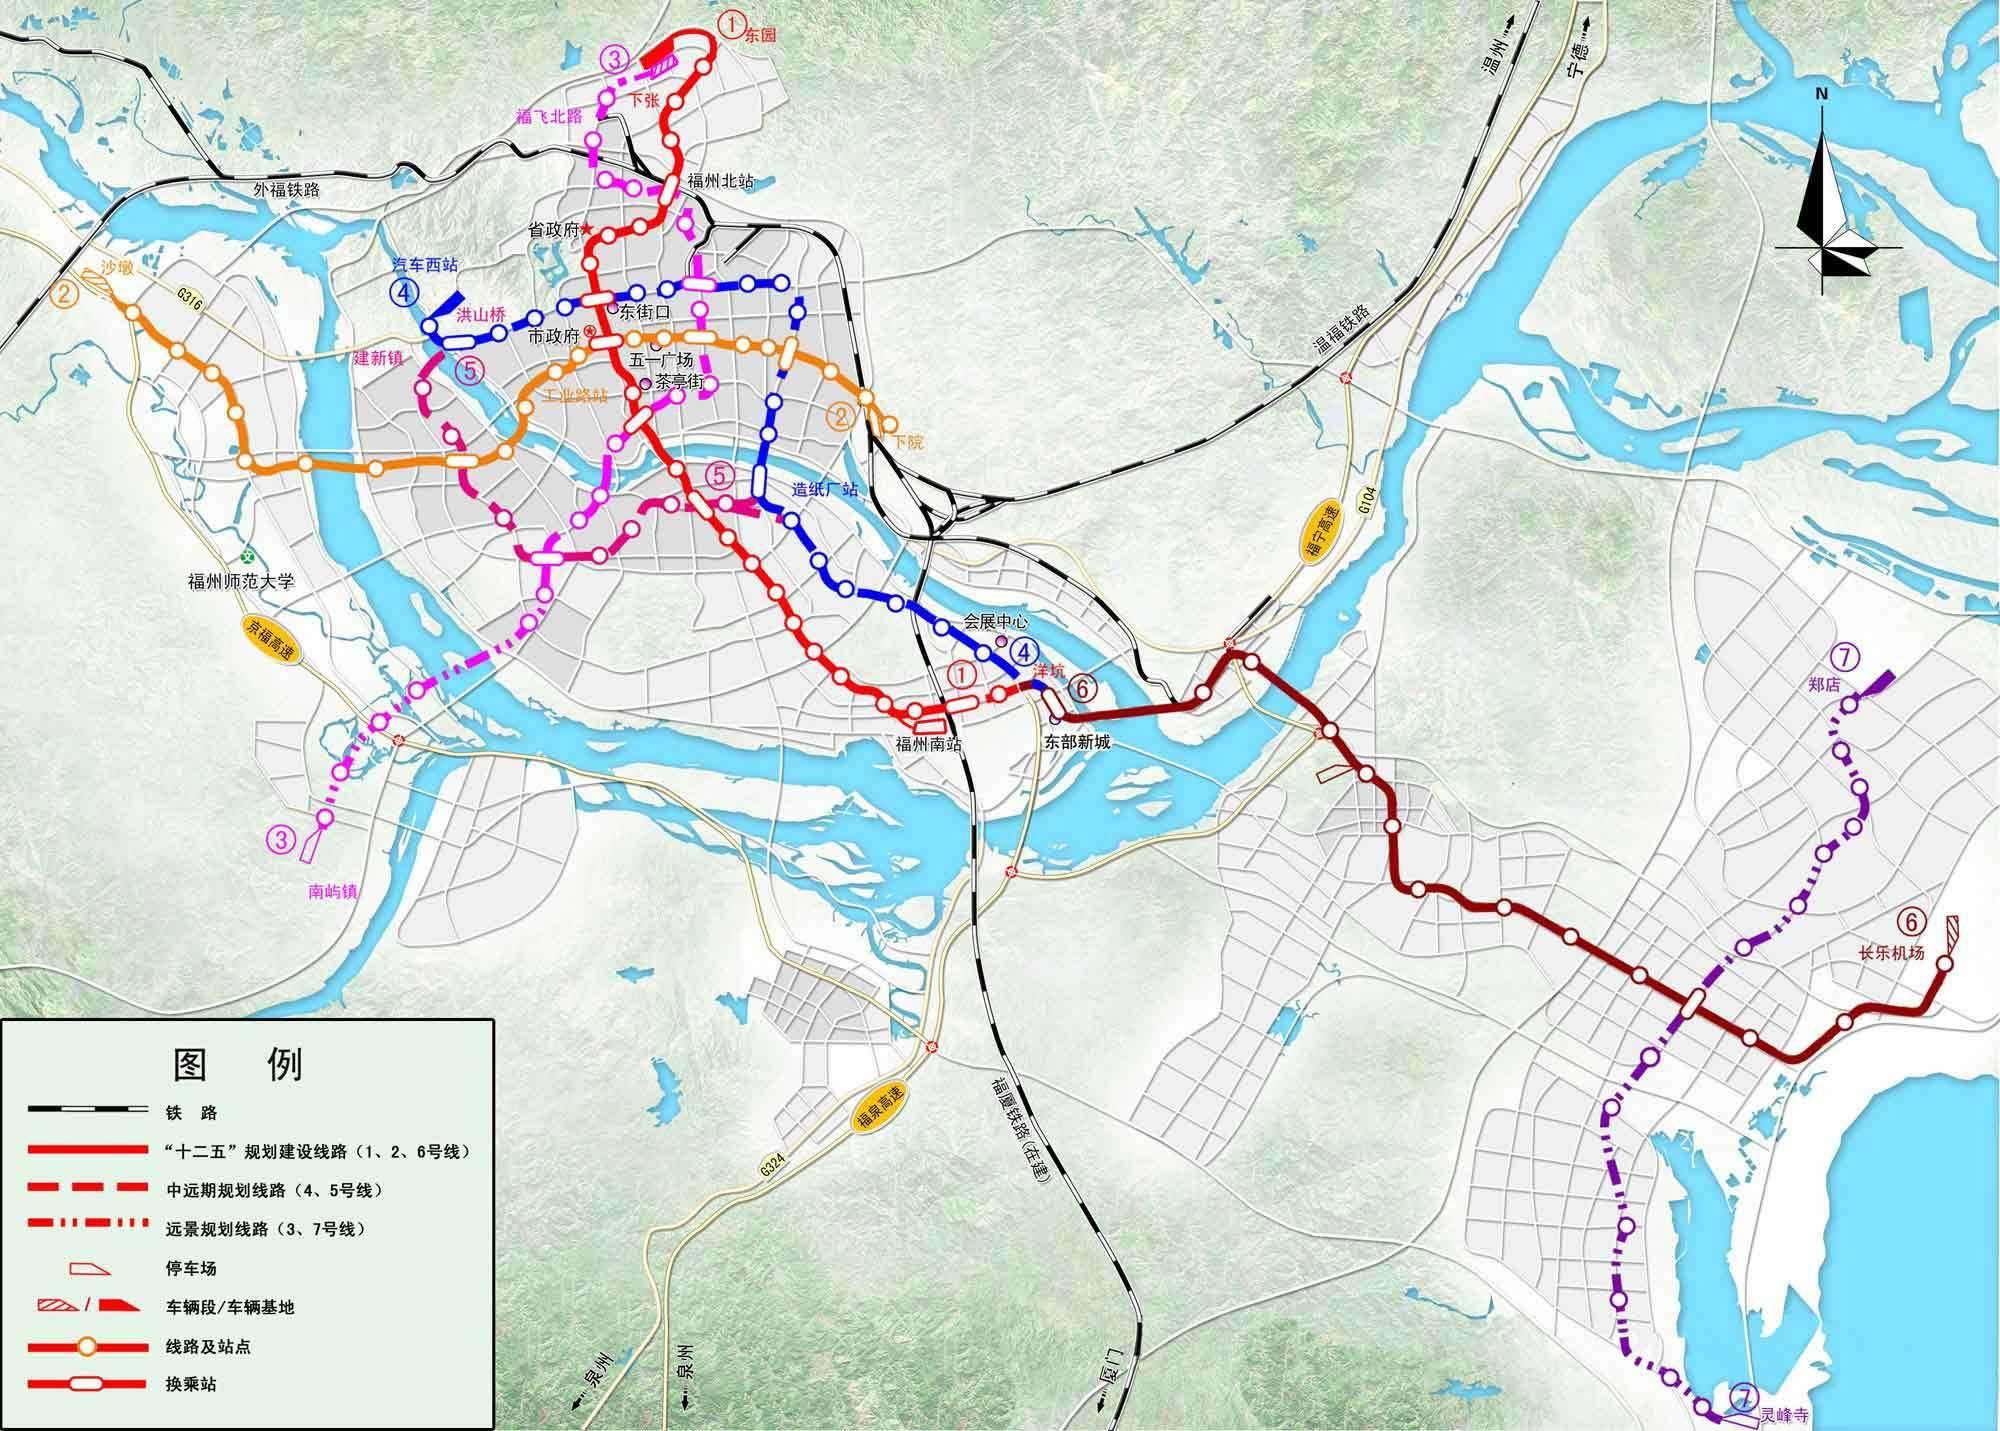 福州市地铁一号线_福州地铁总体规划线路图简介- 福州本地宝